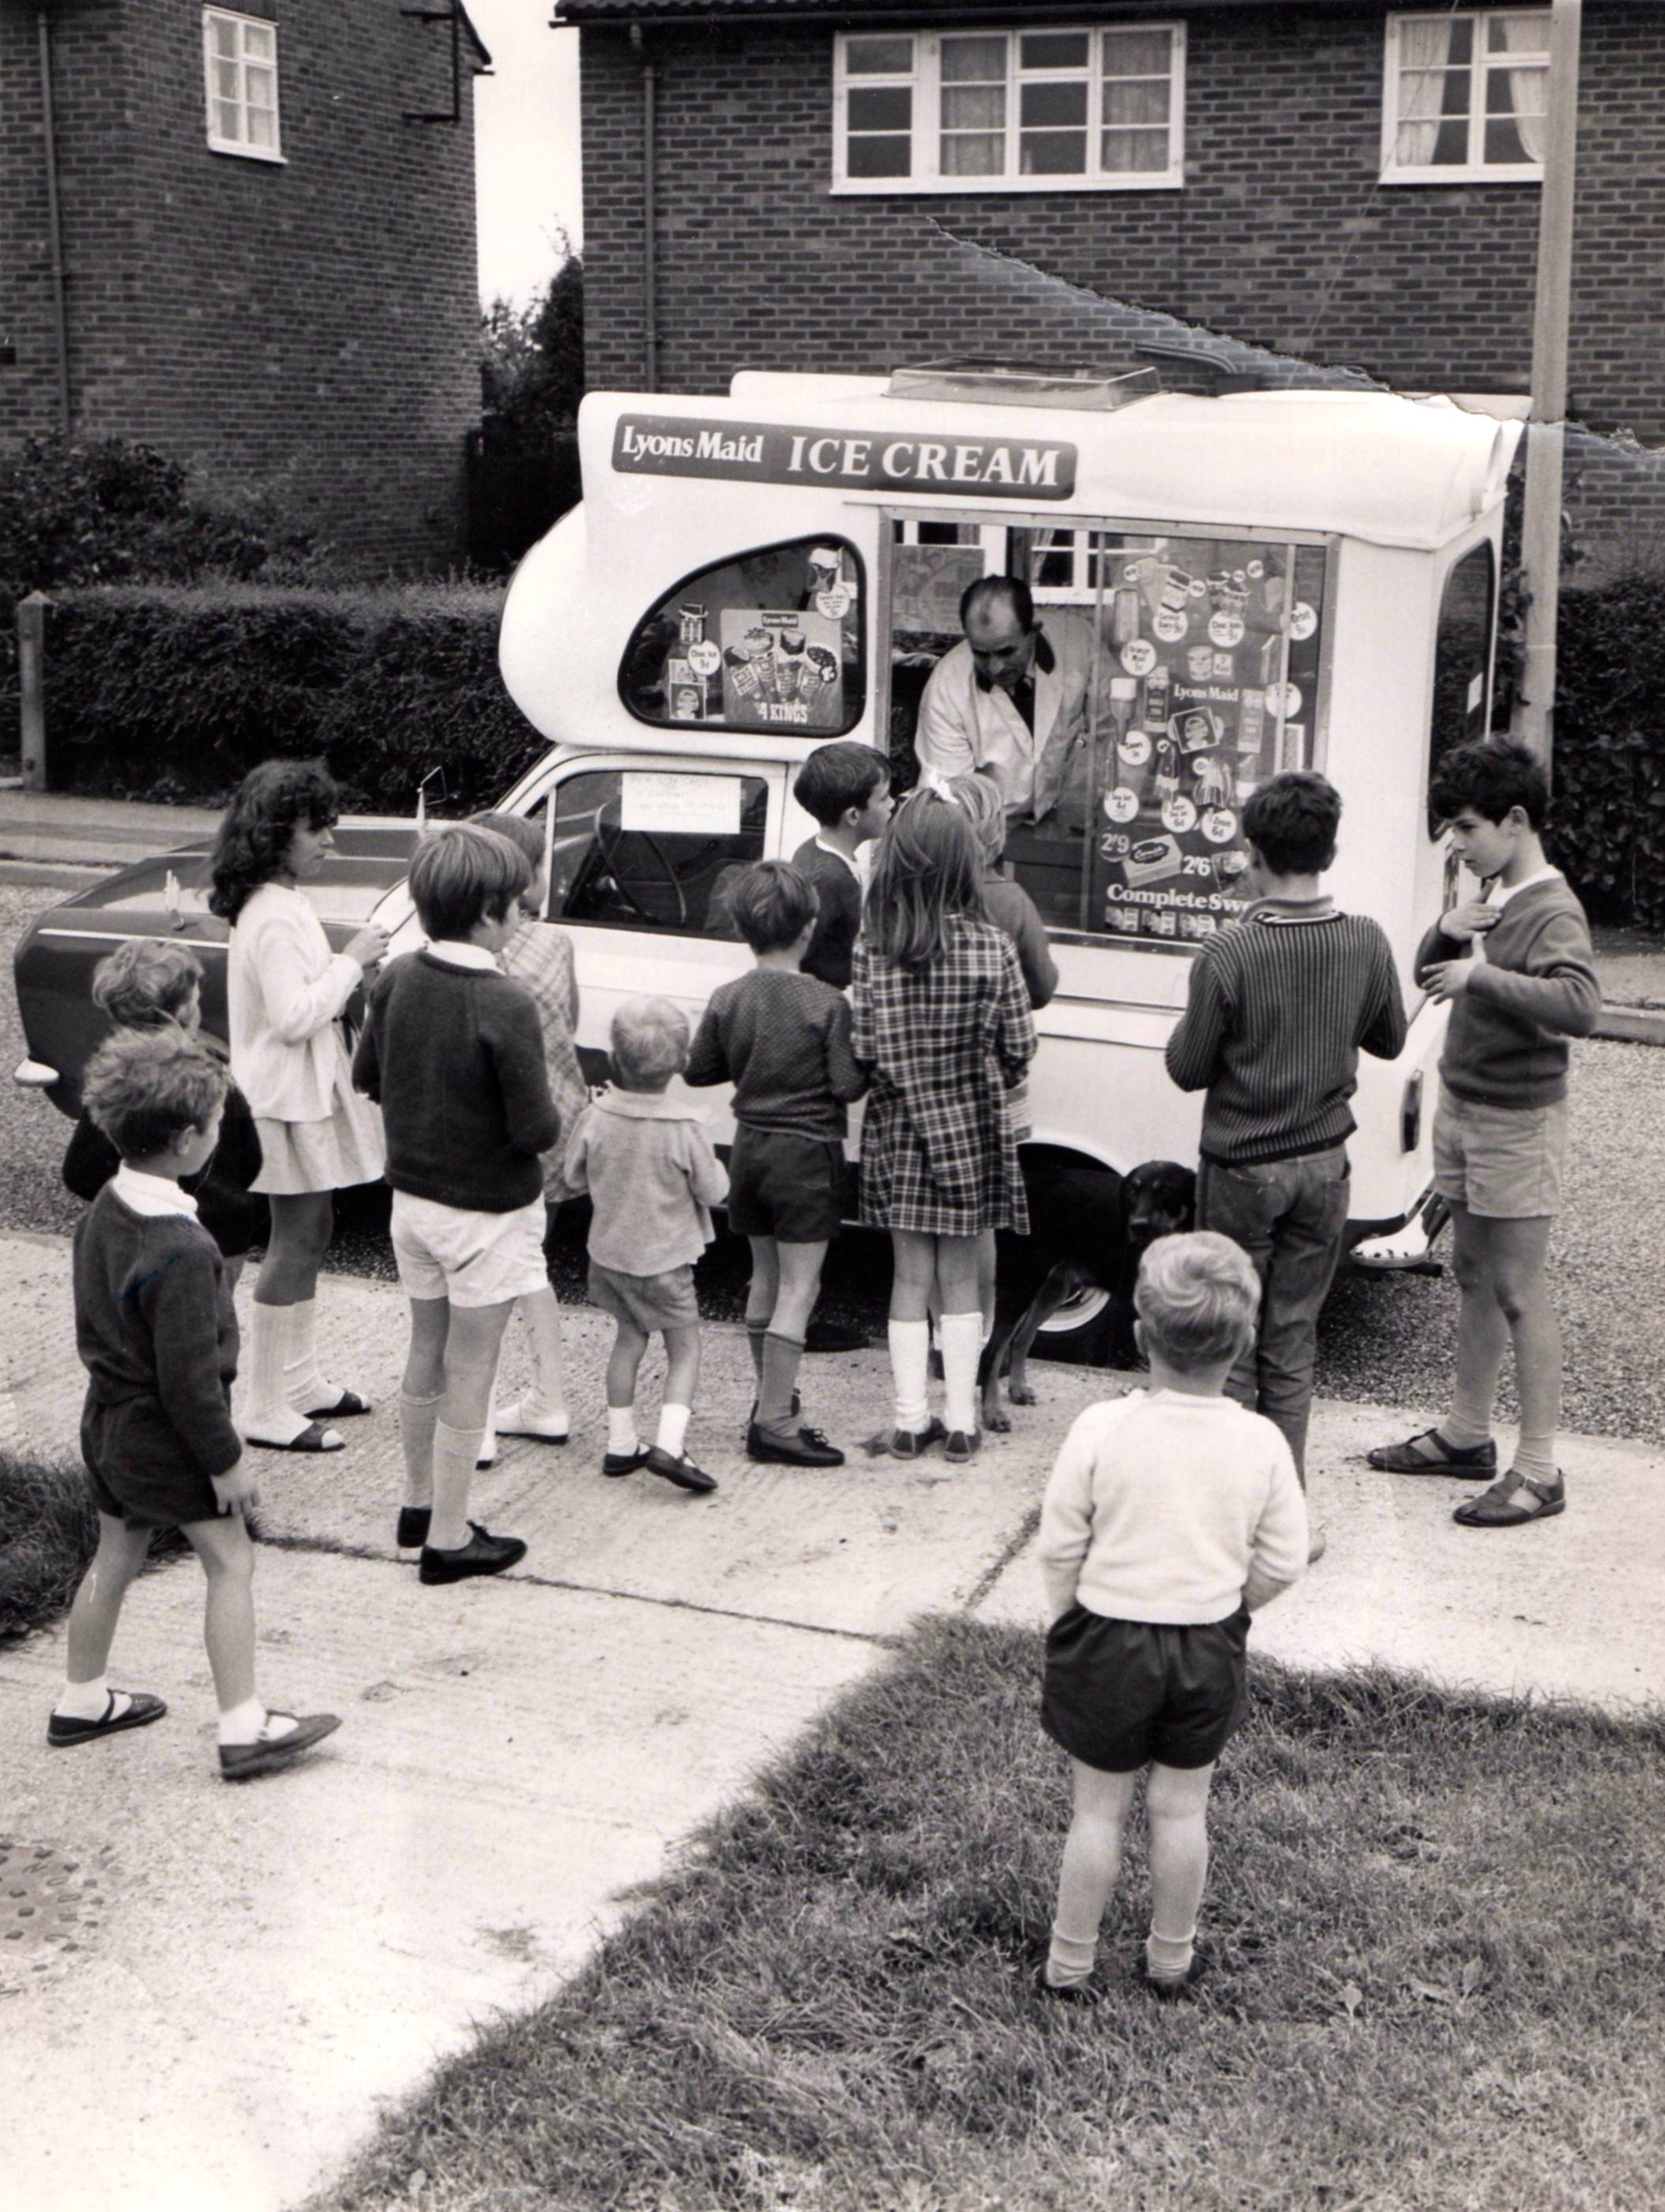 Pouličný predaj zmrzliny v 60. rokoch  v anglickom Cambridge. ( Foto: archív)